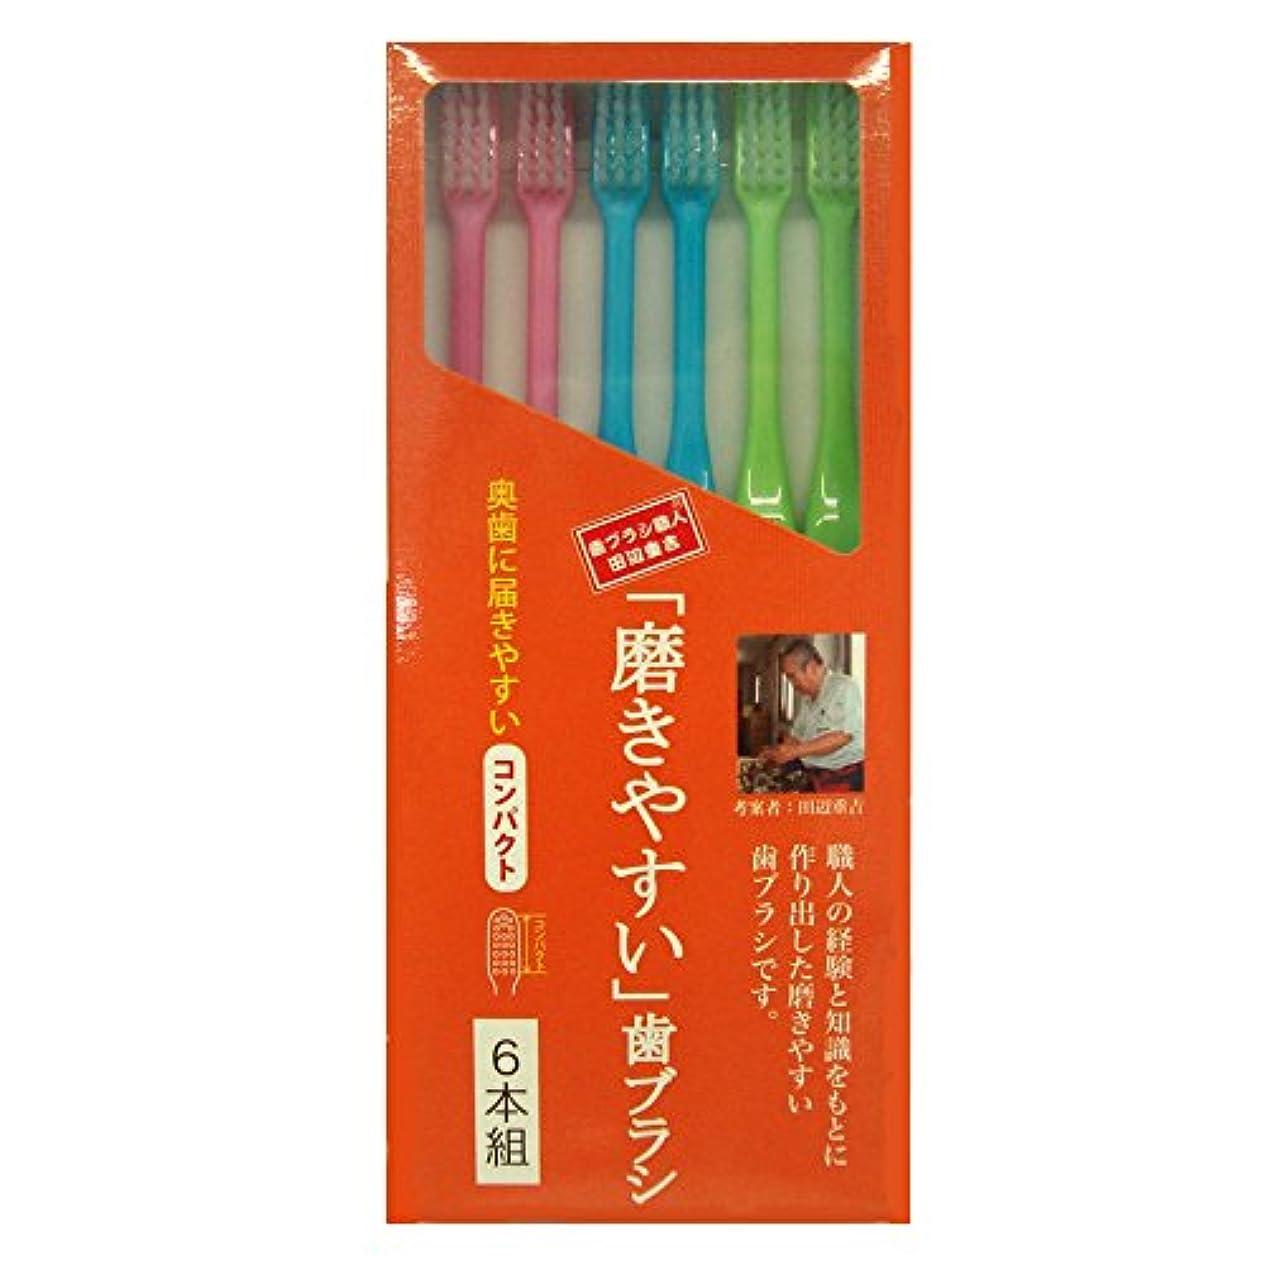 パートナーフィヨルドジレンマ磨きやすい歯ブラシ 6本組 コンパクトタイプ